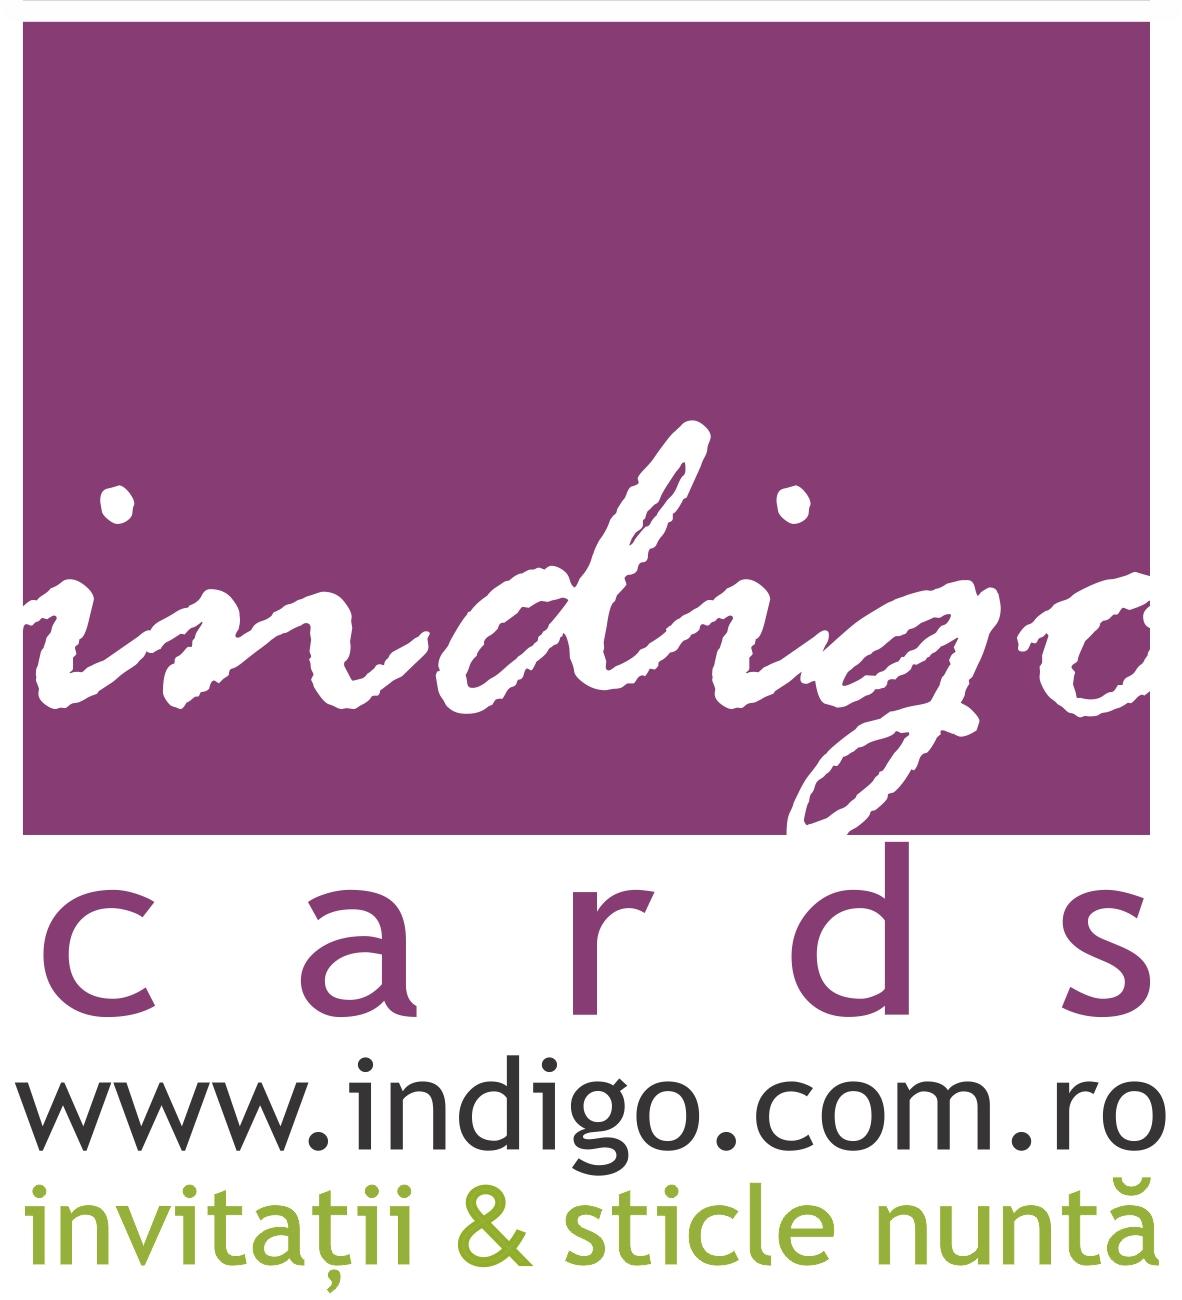 Indigo Cards